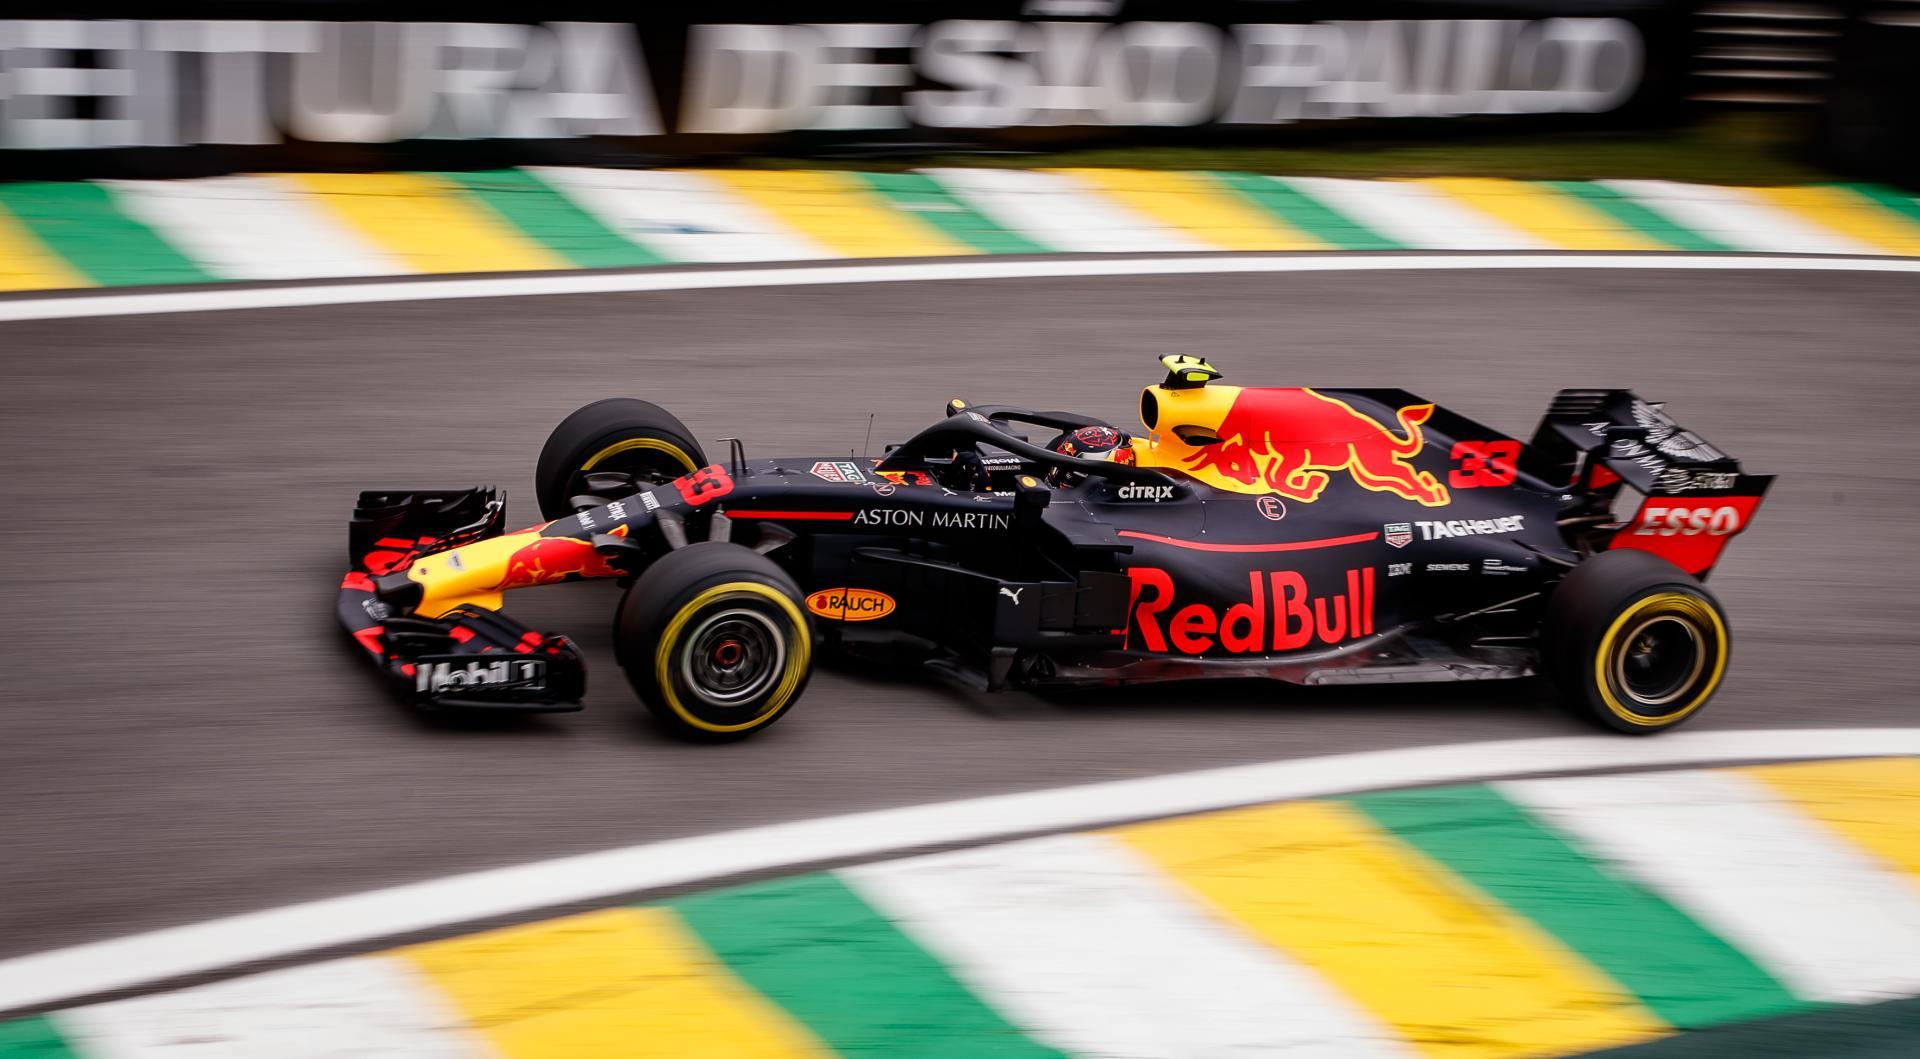 Uitslag van de GP van Brazilië 2018